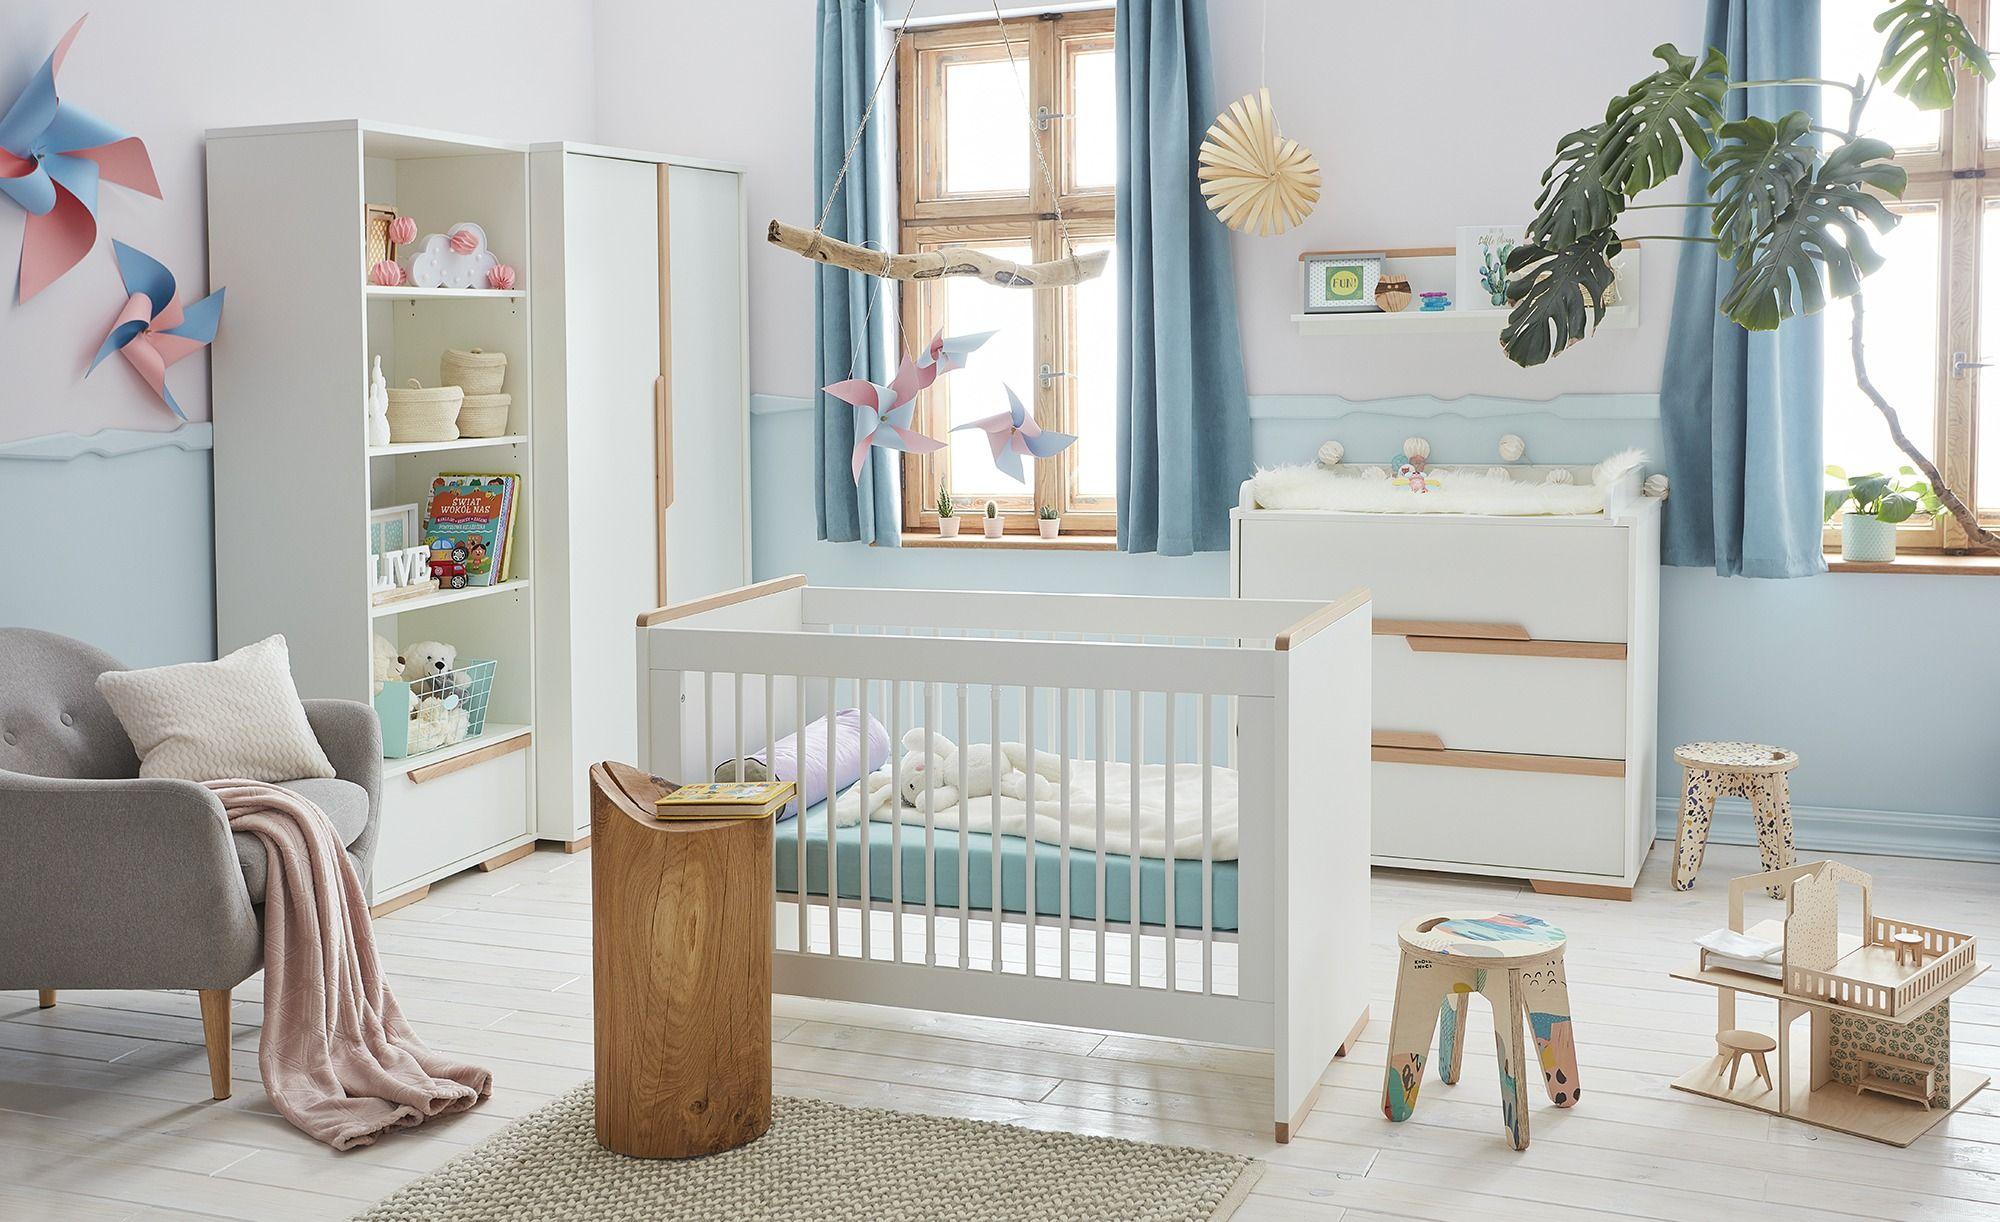 Kleiderschrank Soe Baby möbel, Wickelaufsatz und Babybett